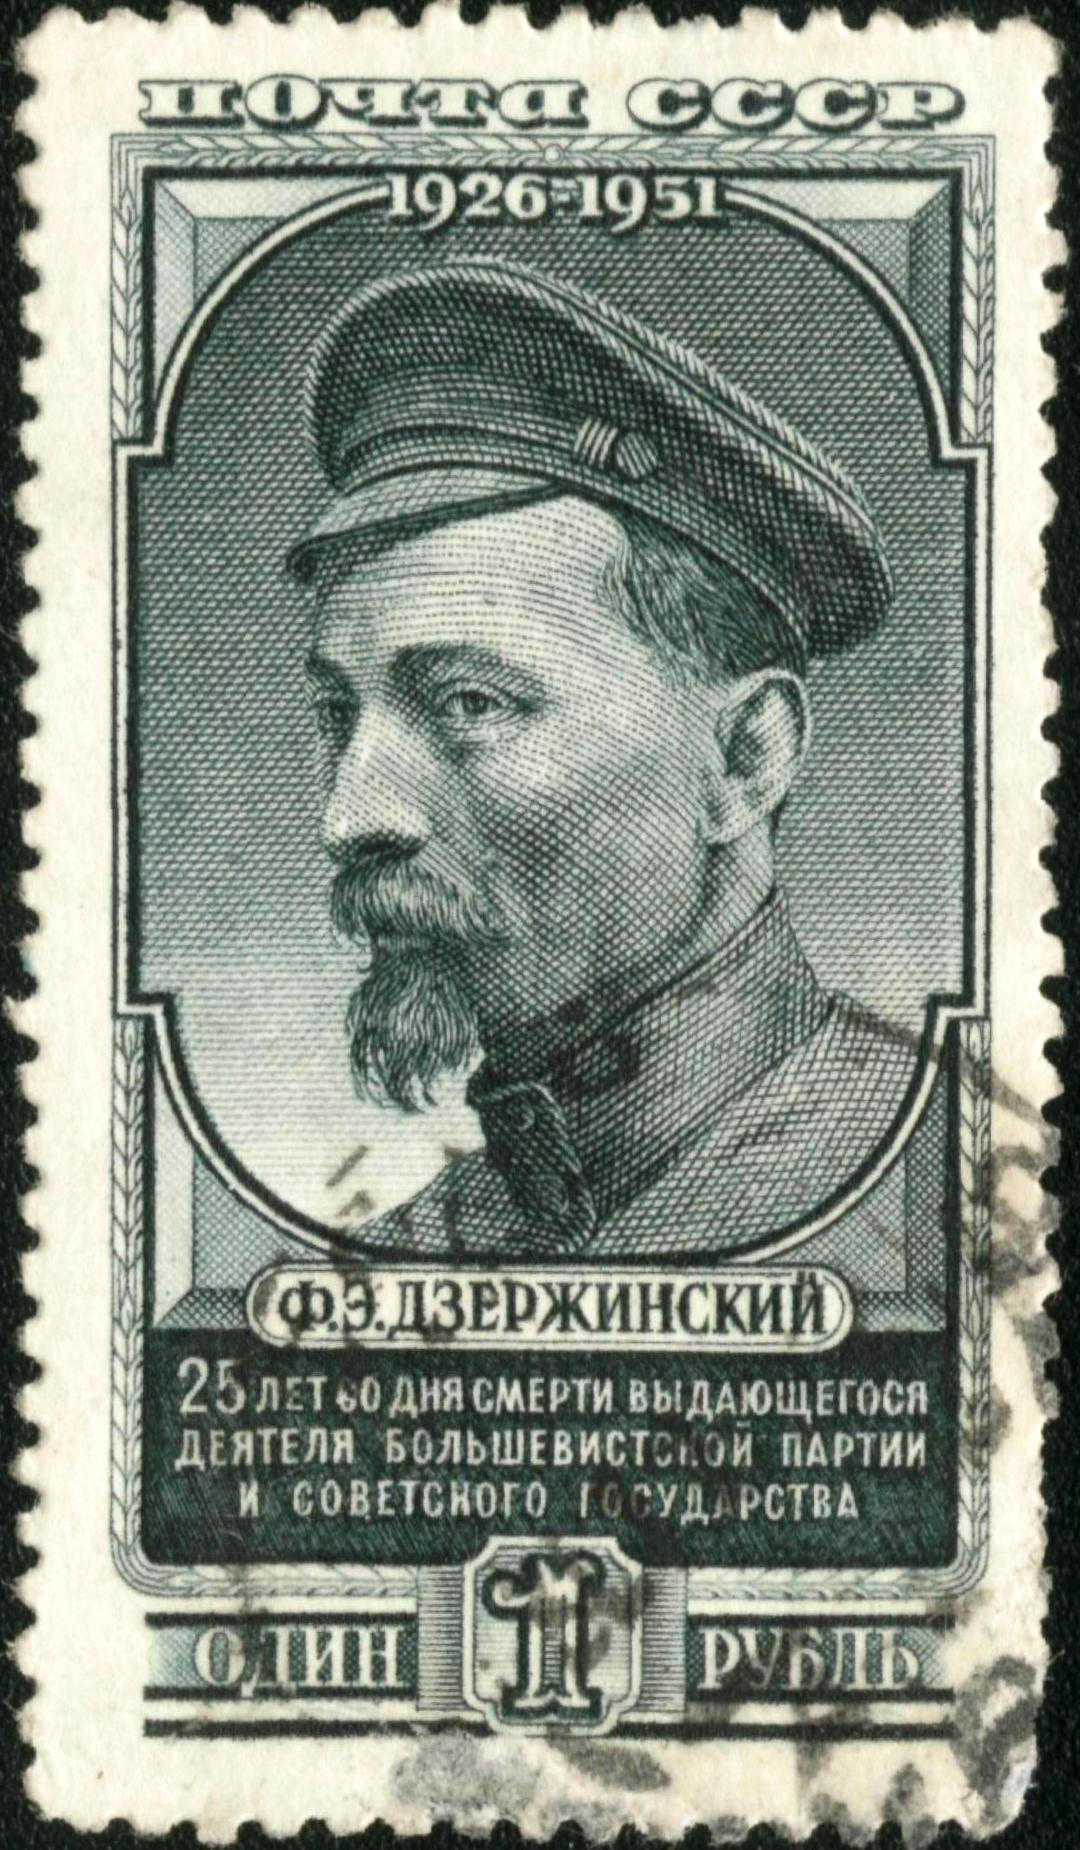 Железный Феликс - основатель ВЧК